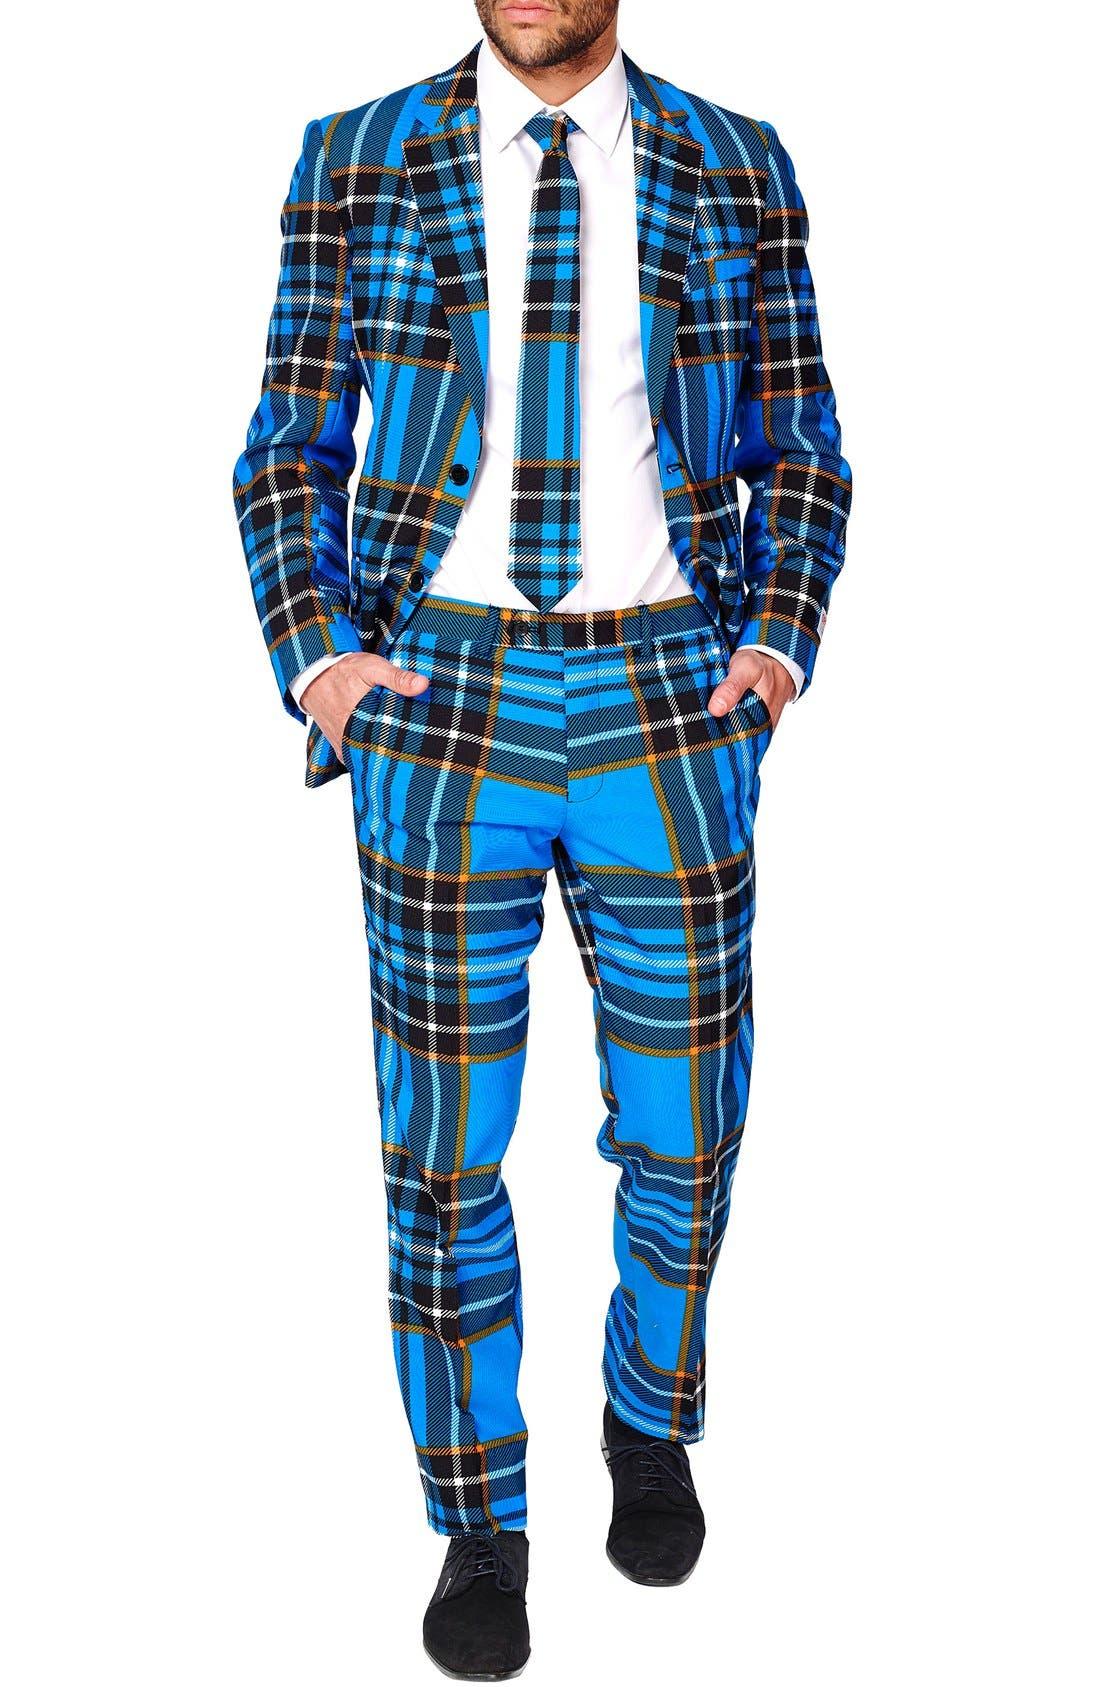 'Braveheart' Trim Fit Suit with Tie,                             Main thumbnail 1, color,                             421